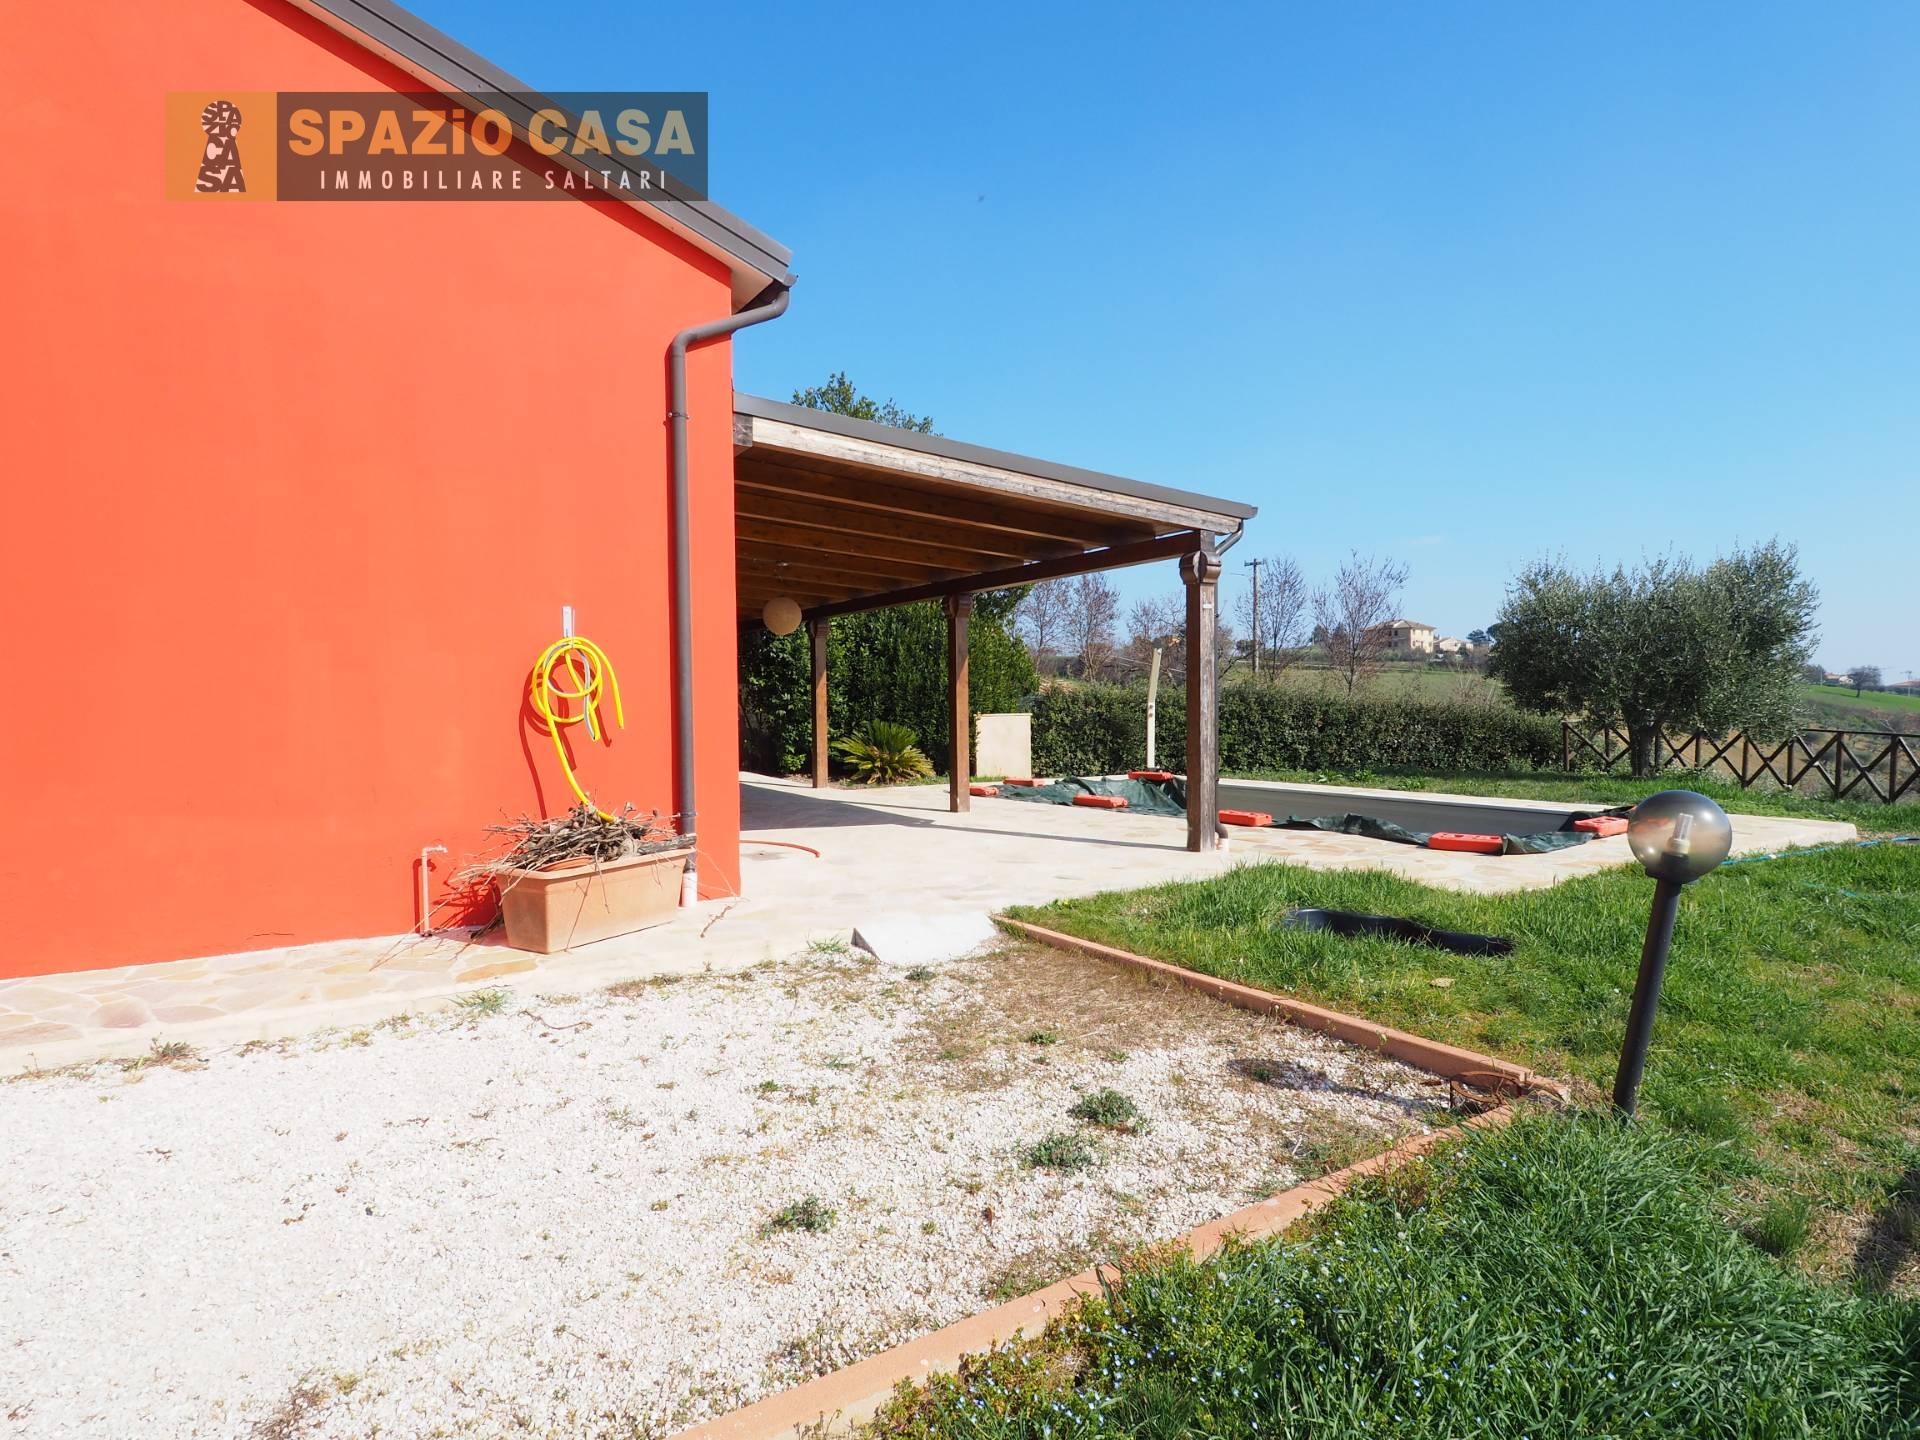 Villa Unifamiliare - Indipendente MORROVALLE vendita    Spazio Casa di Massimo Saltari